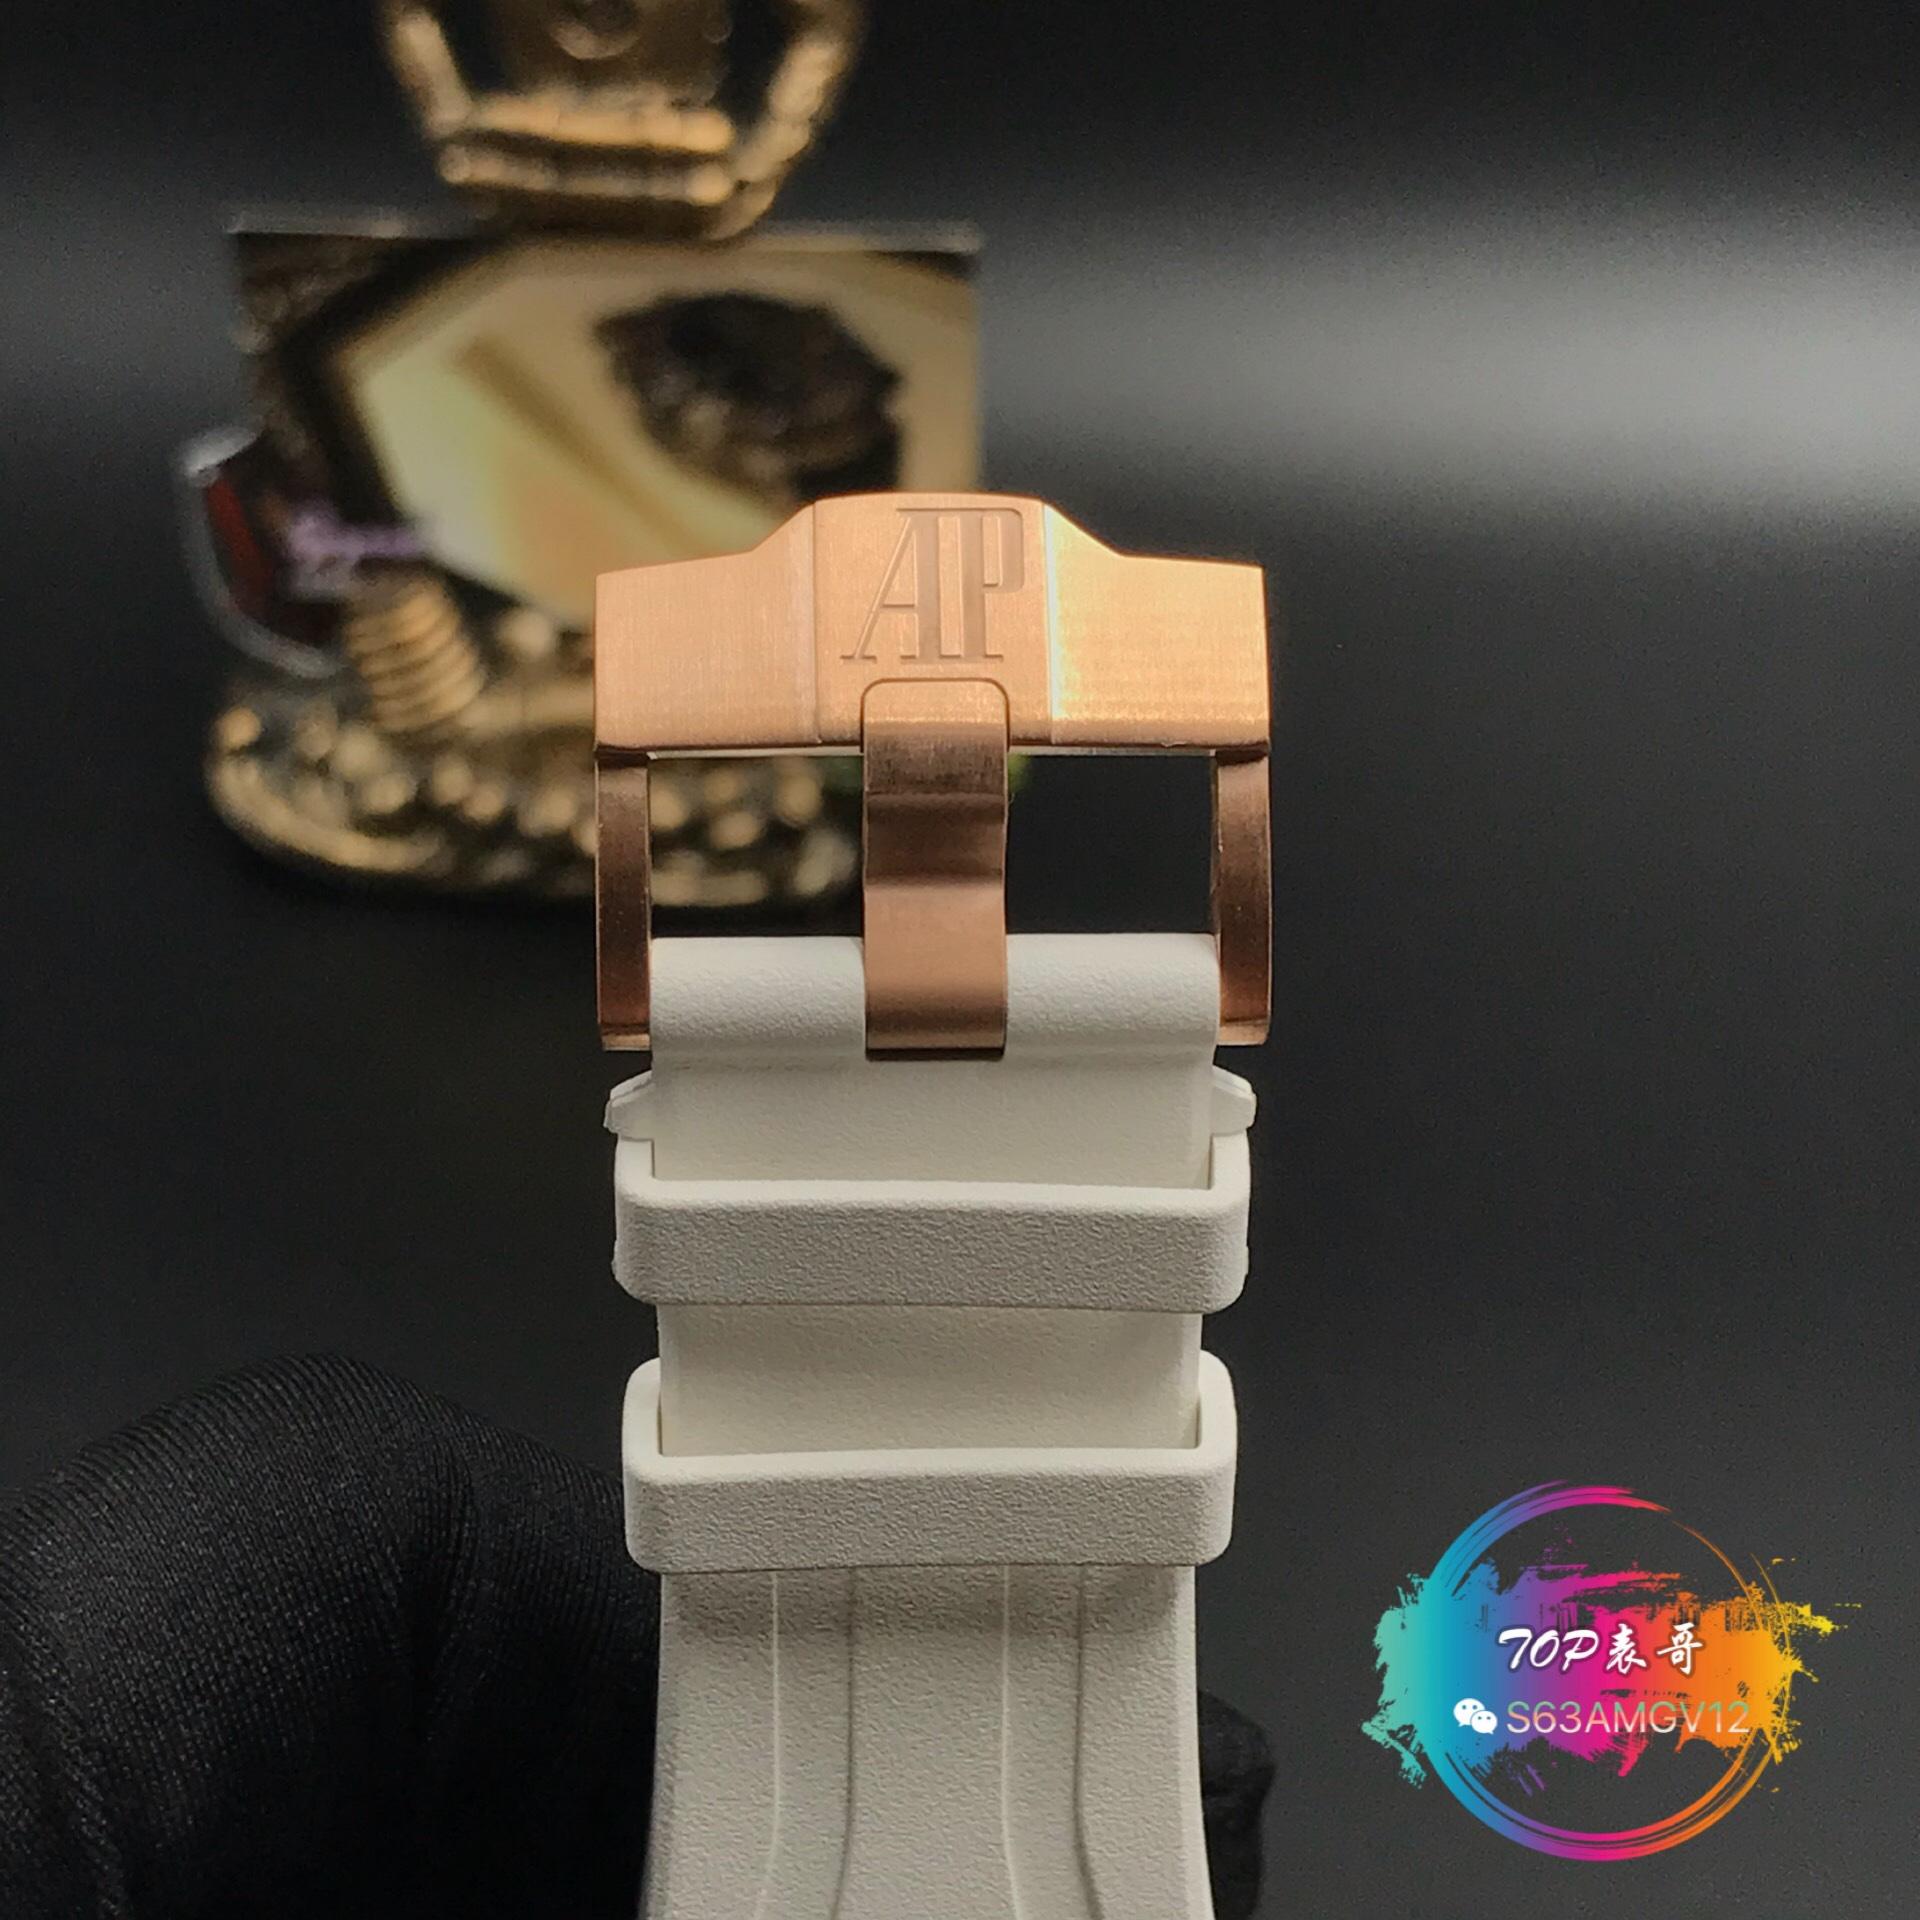 左腕表舍:爱彼皇家橡树15703正品与JF厂N厂对比评测_手机搜狐网